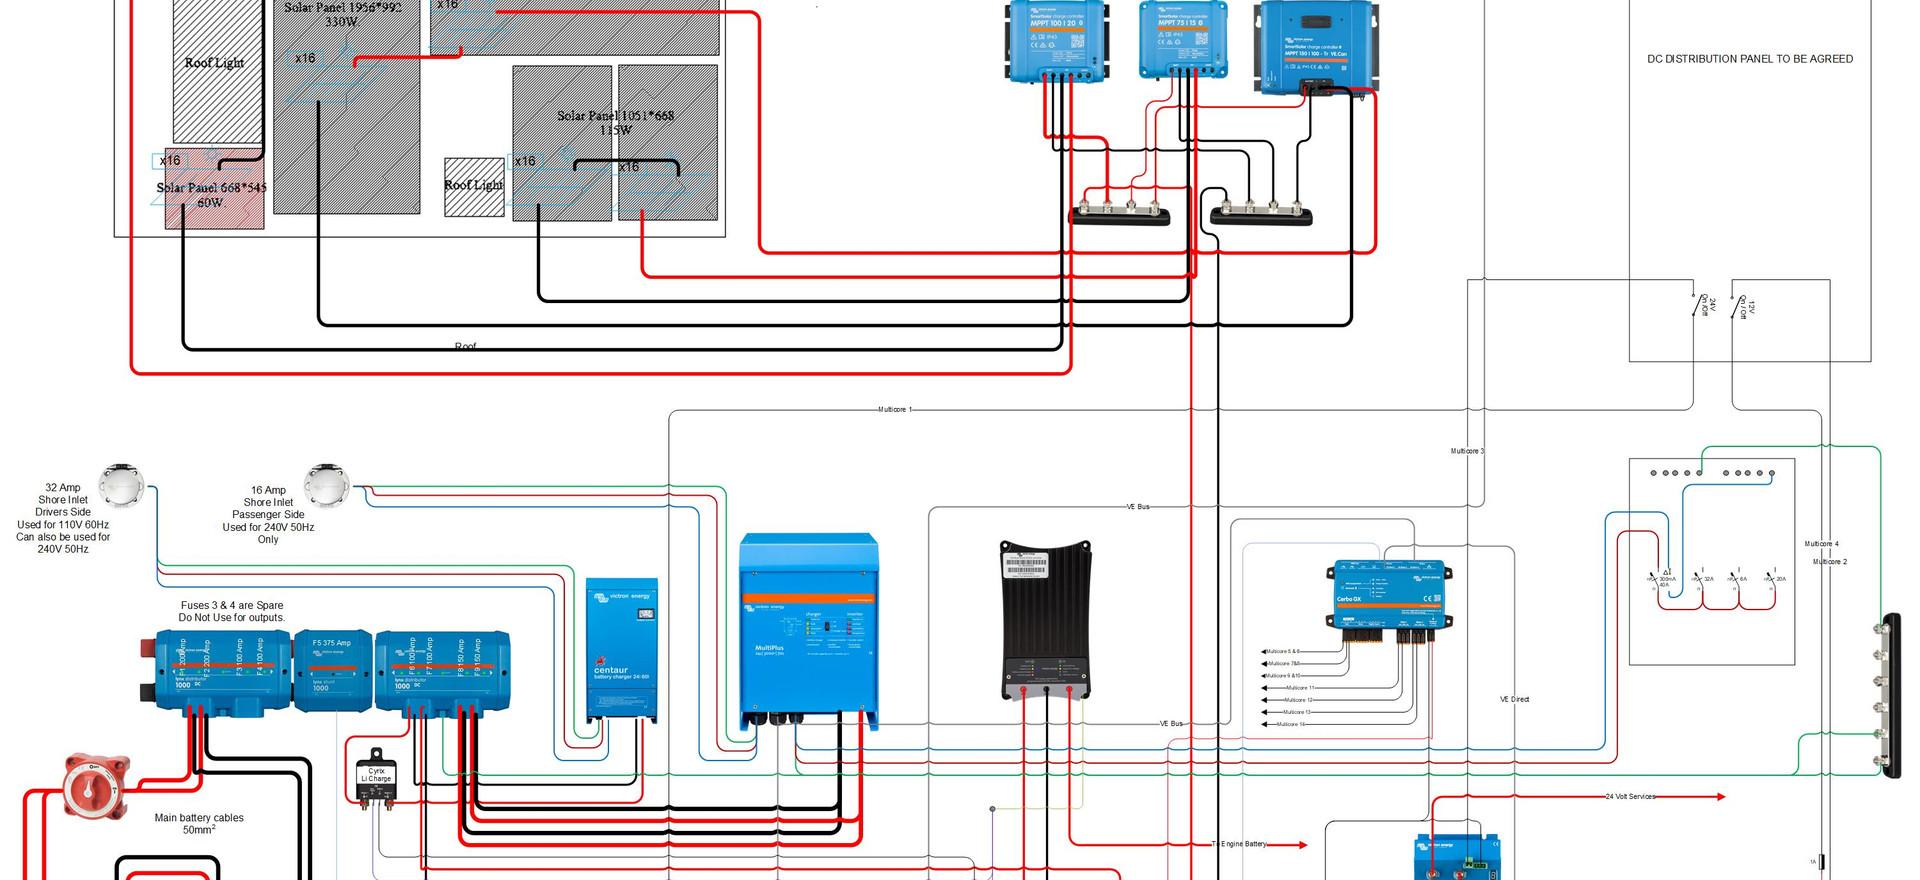 Phase 1 Circuit